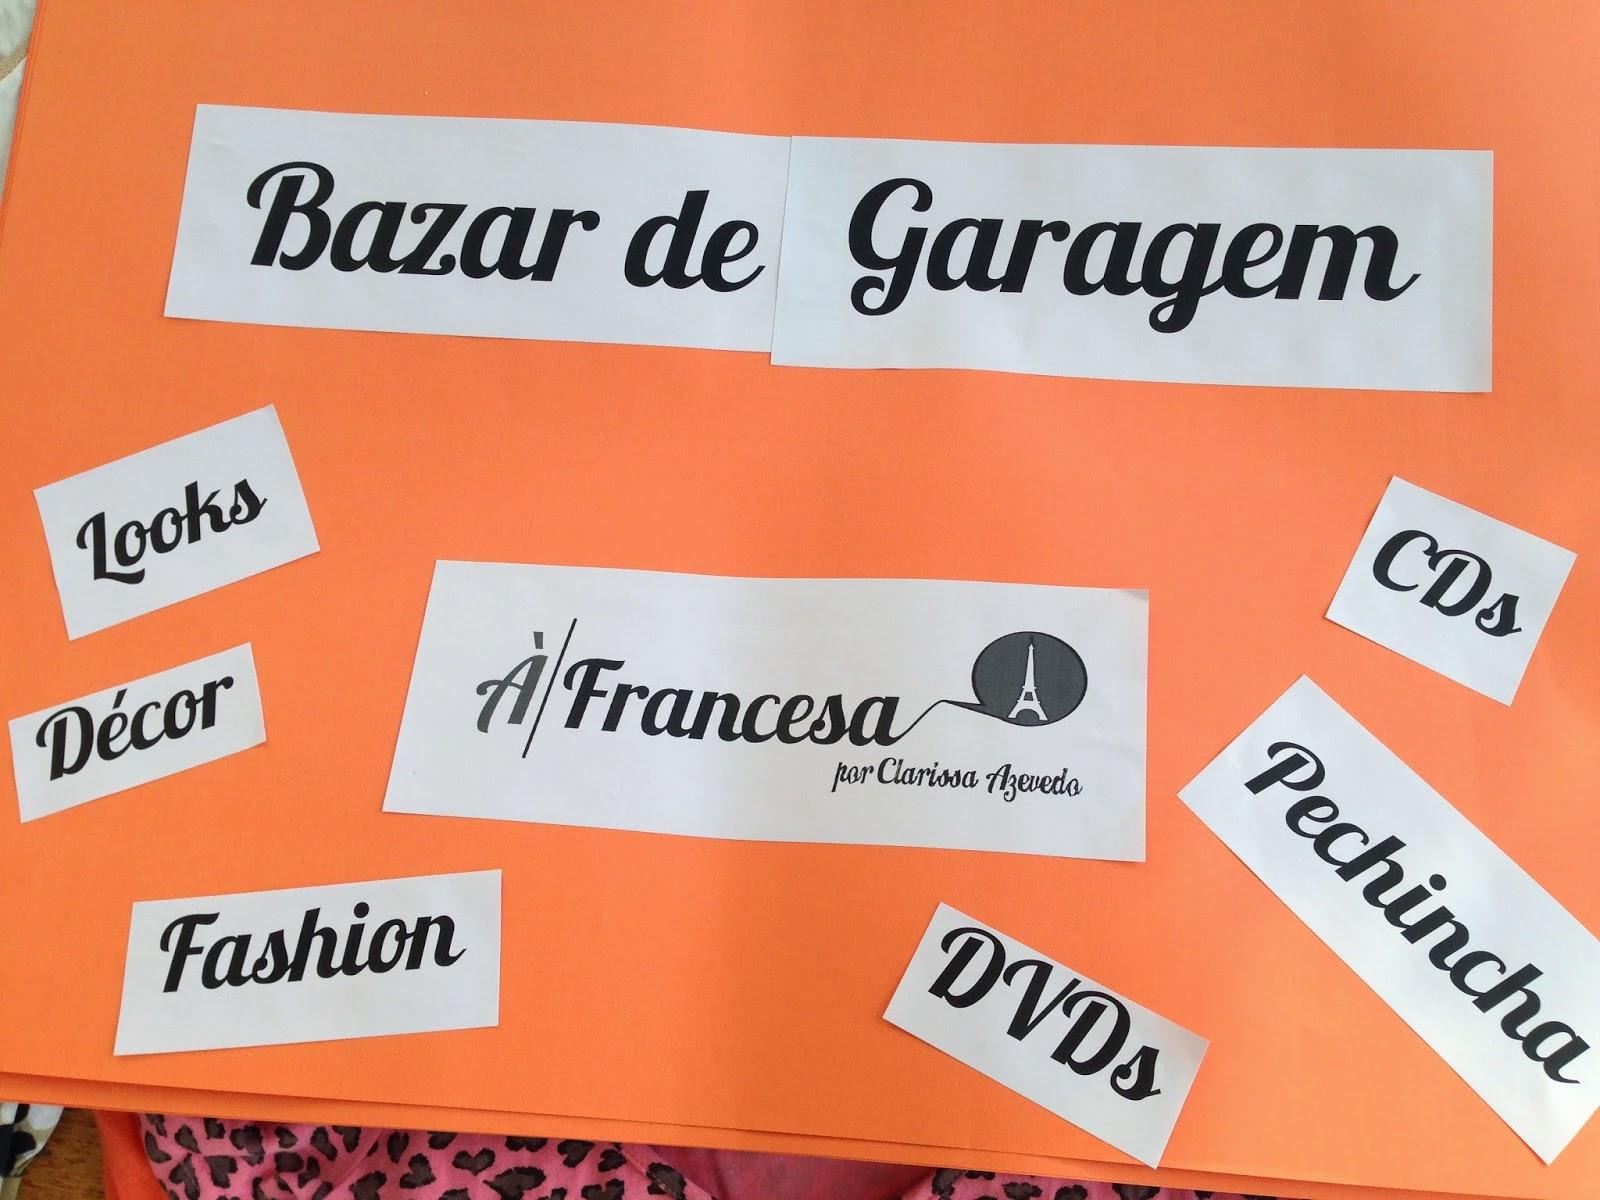 Primeiro Bazar de Garagem À Francesa